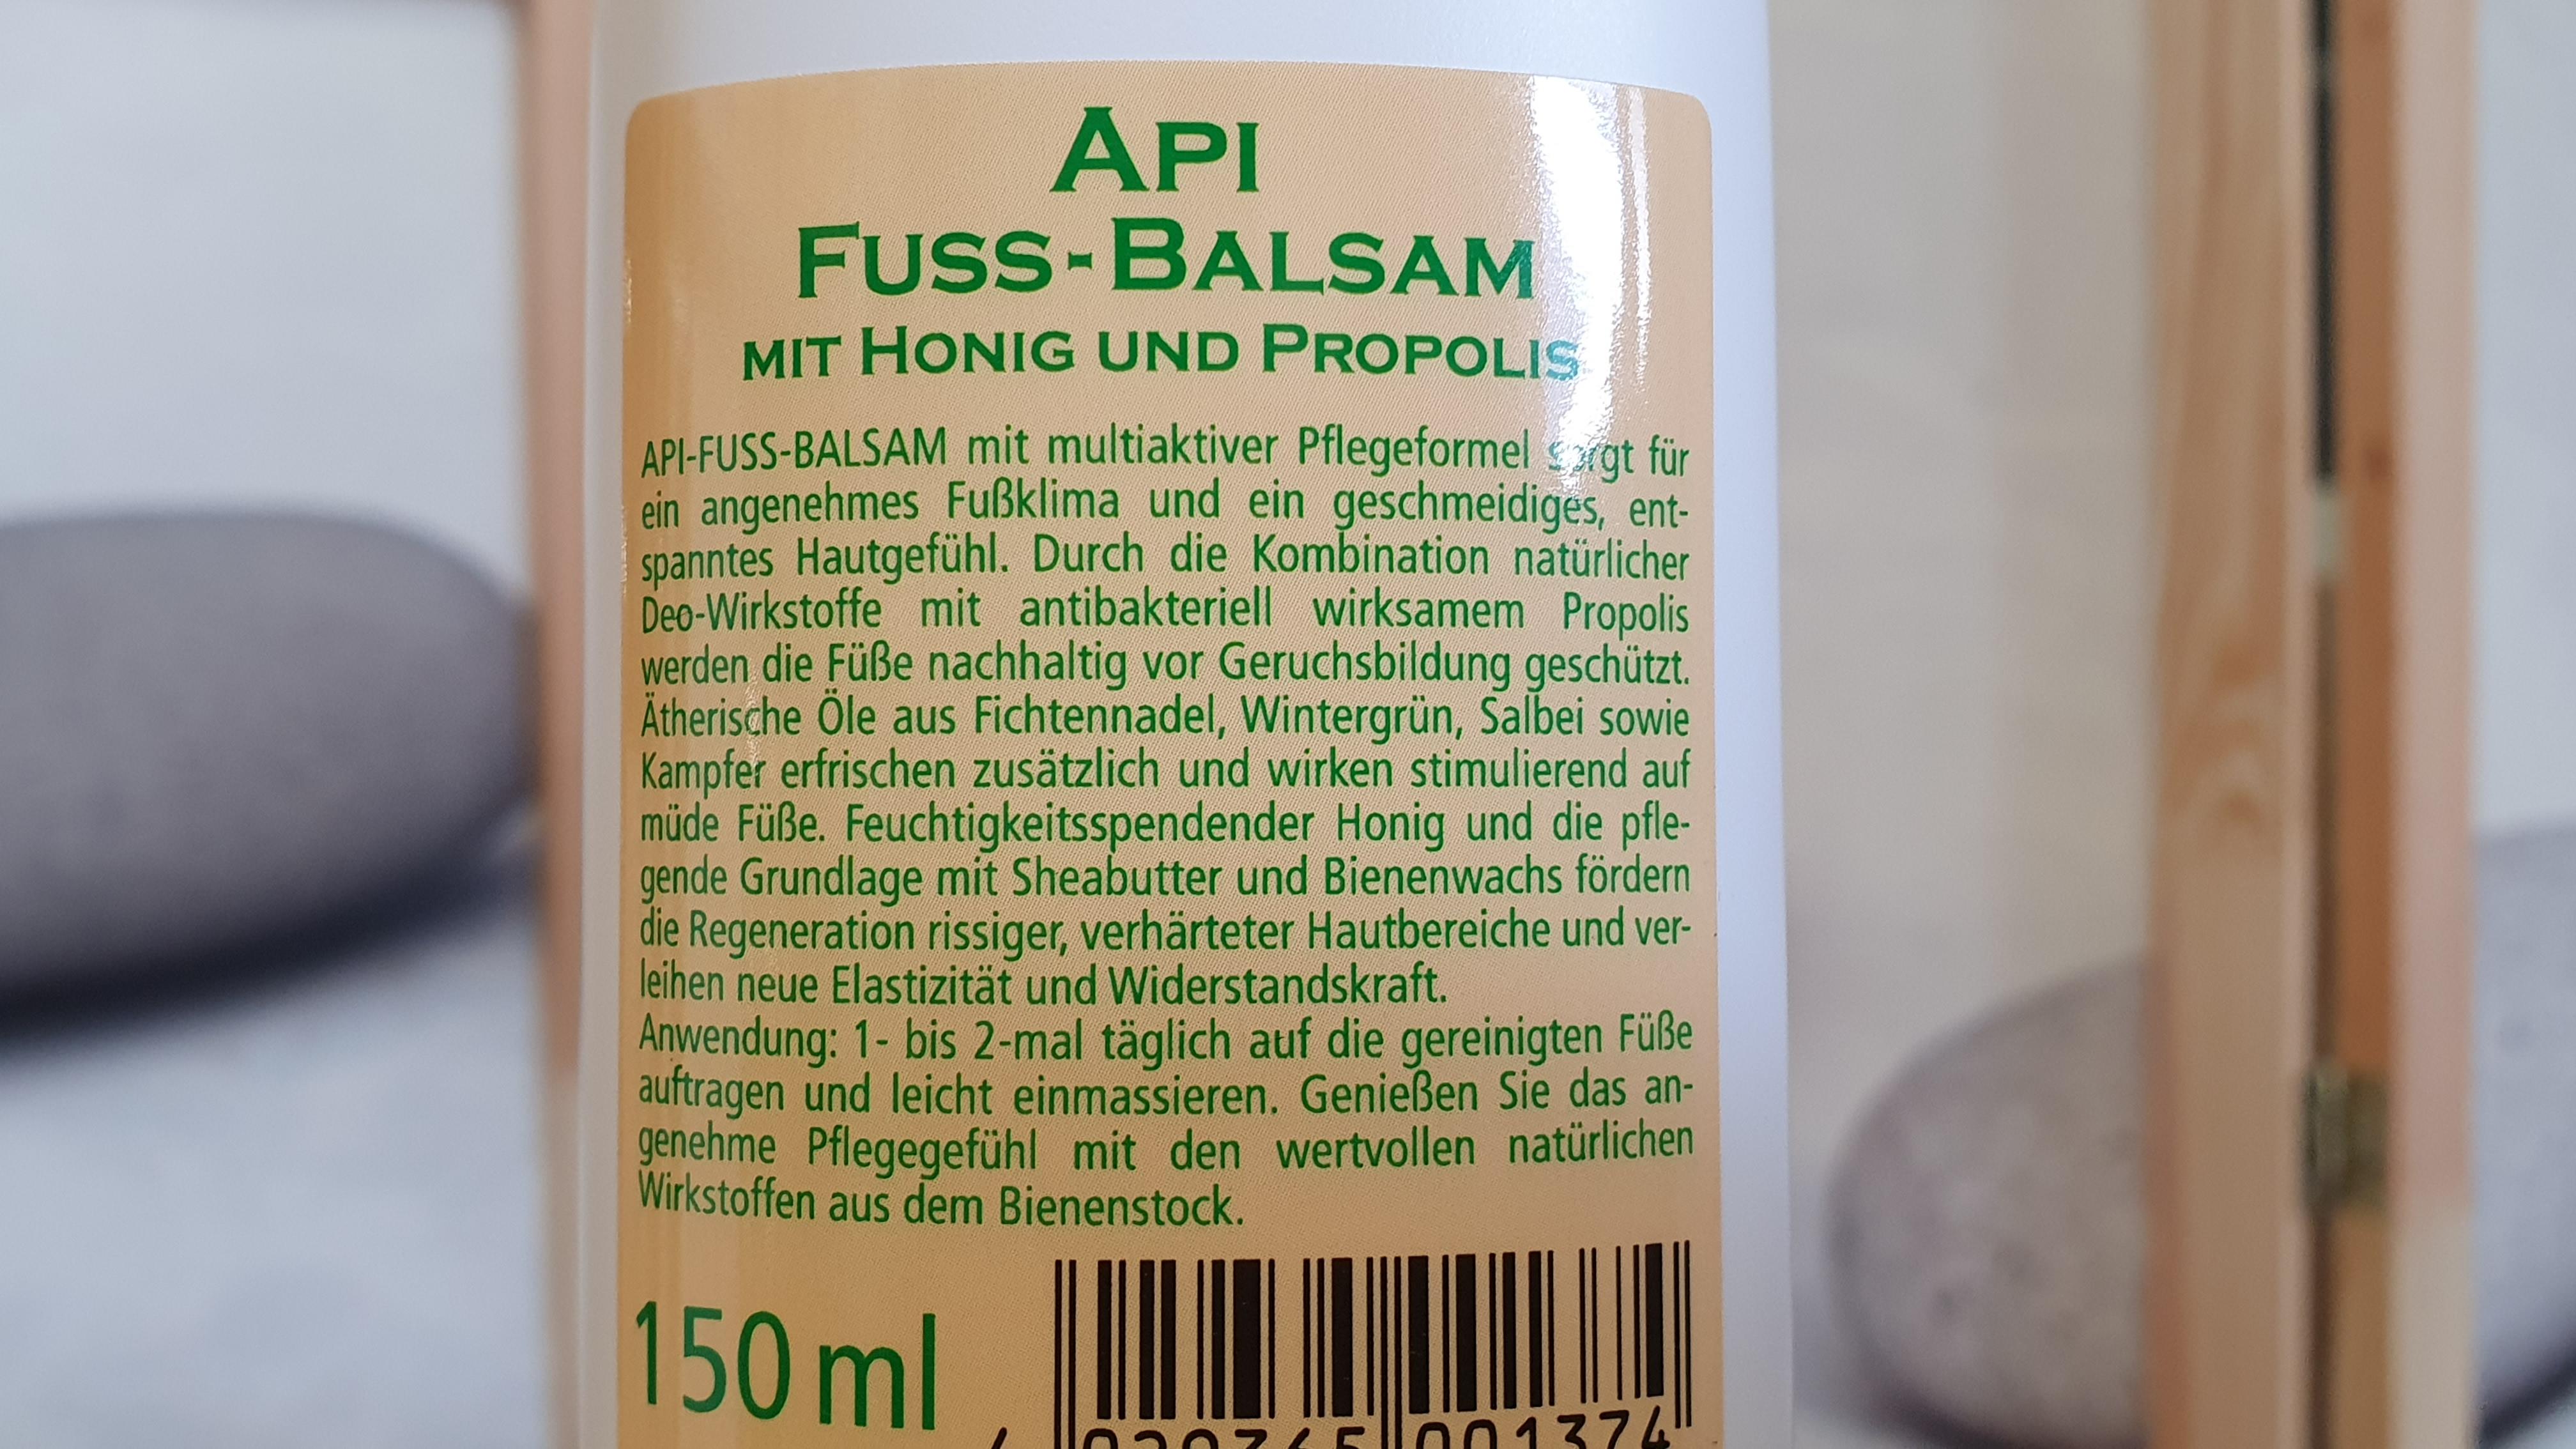 Fuß Balsam mit Honig und Propolis